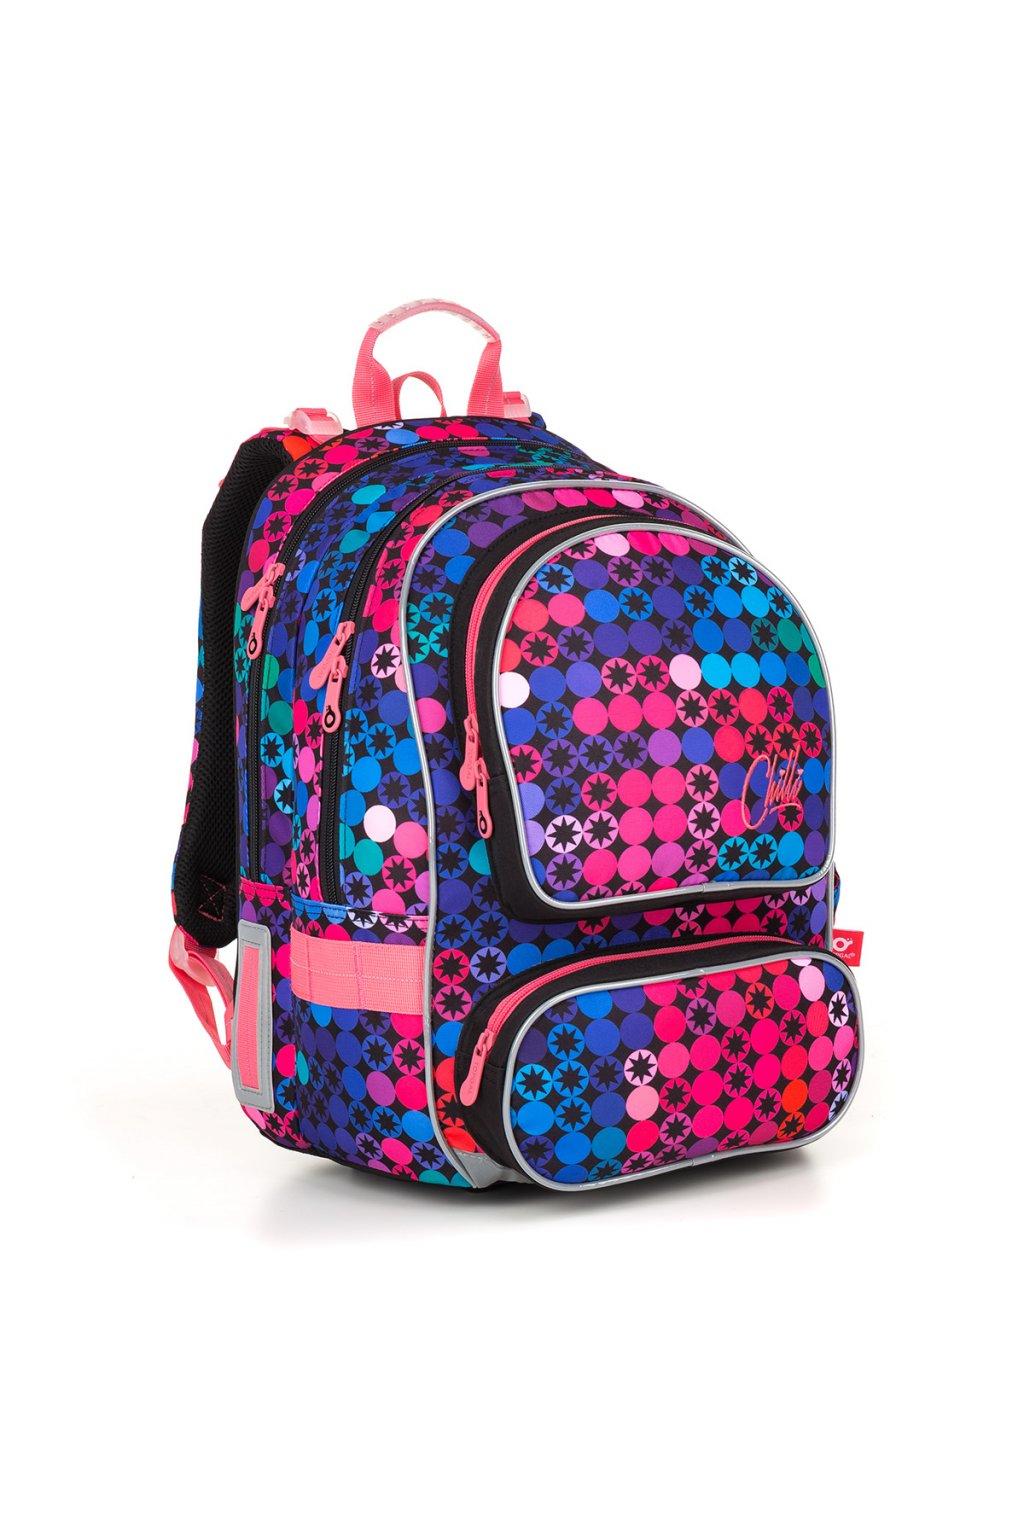 dívčí školní batoh topgal ally 18012 g